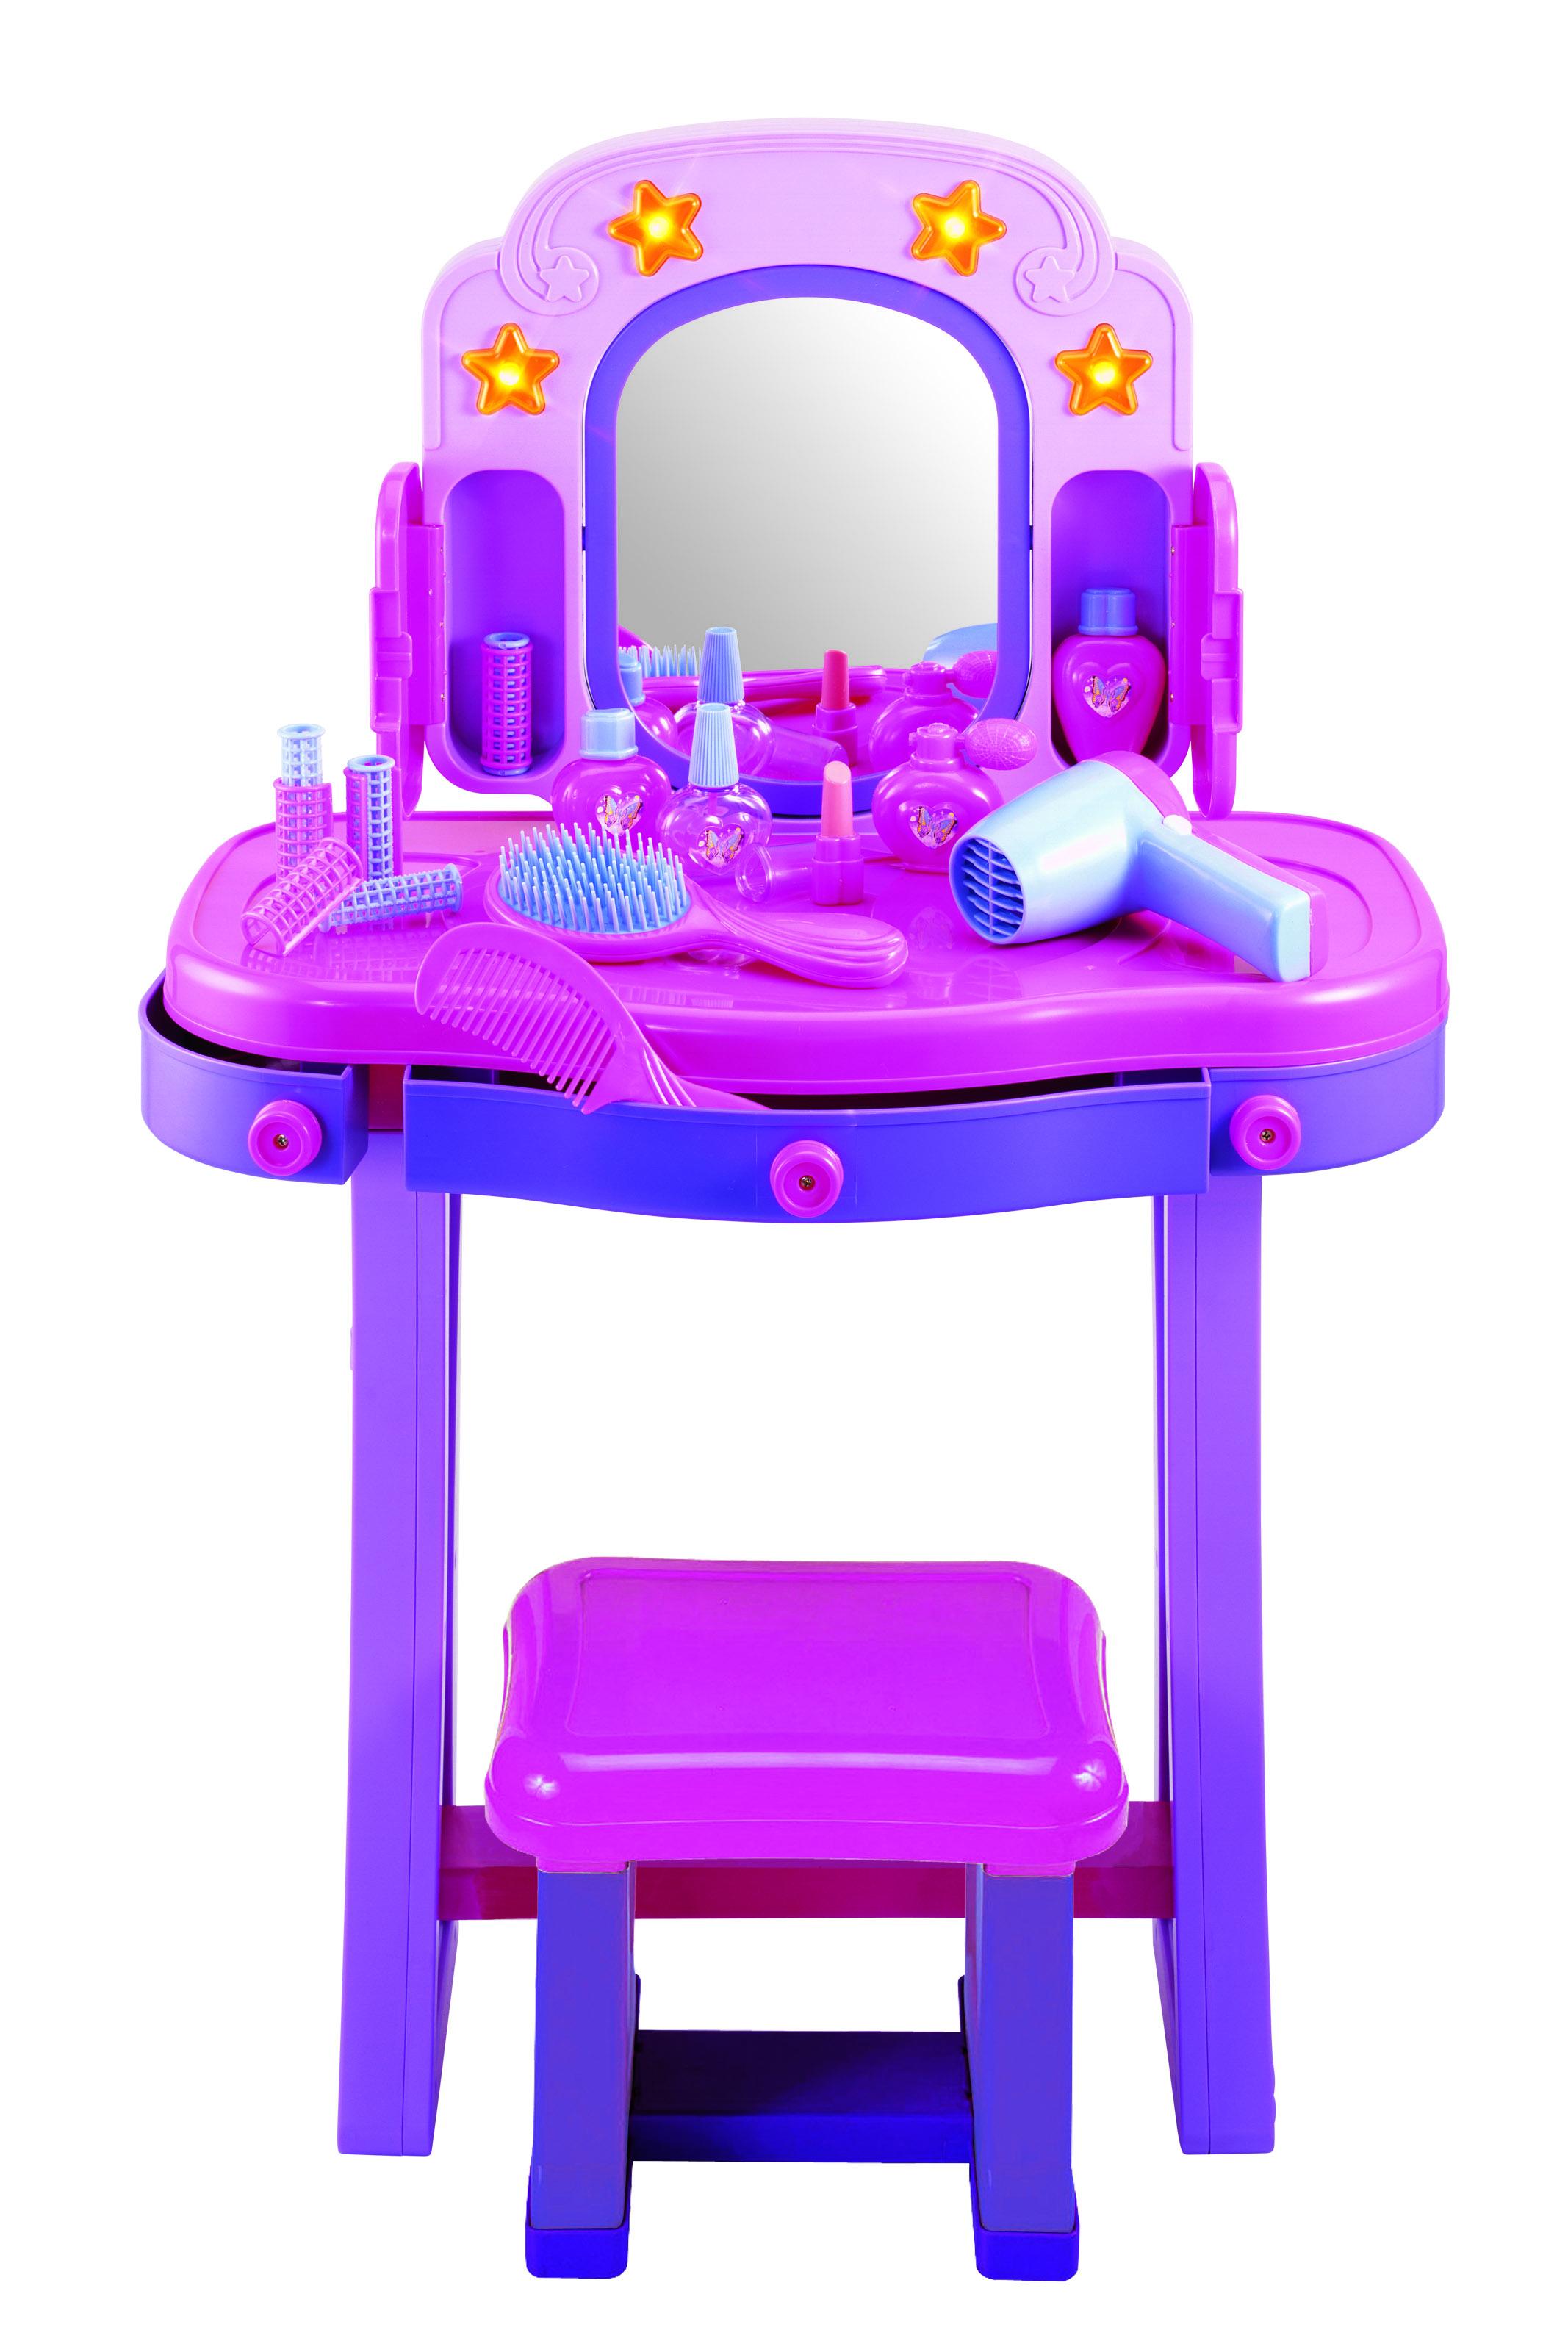 электронные игрушки red box фонарь 25247 Сюжетно-ролевые игрушки Red Box 22345 розовый, фиолетовый